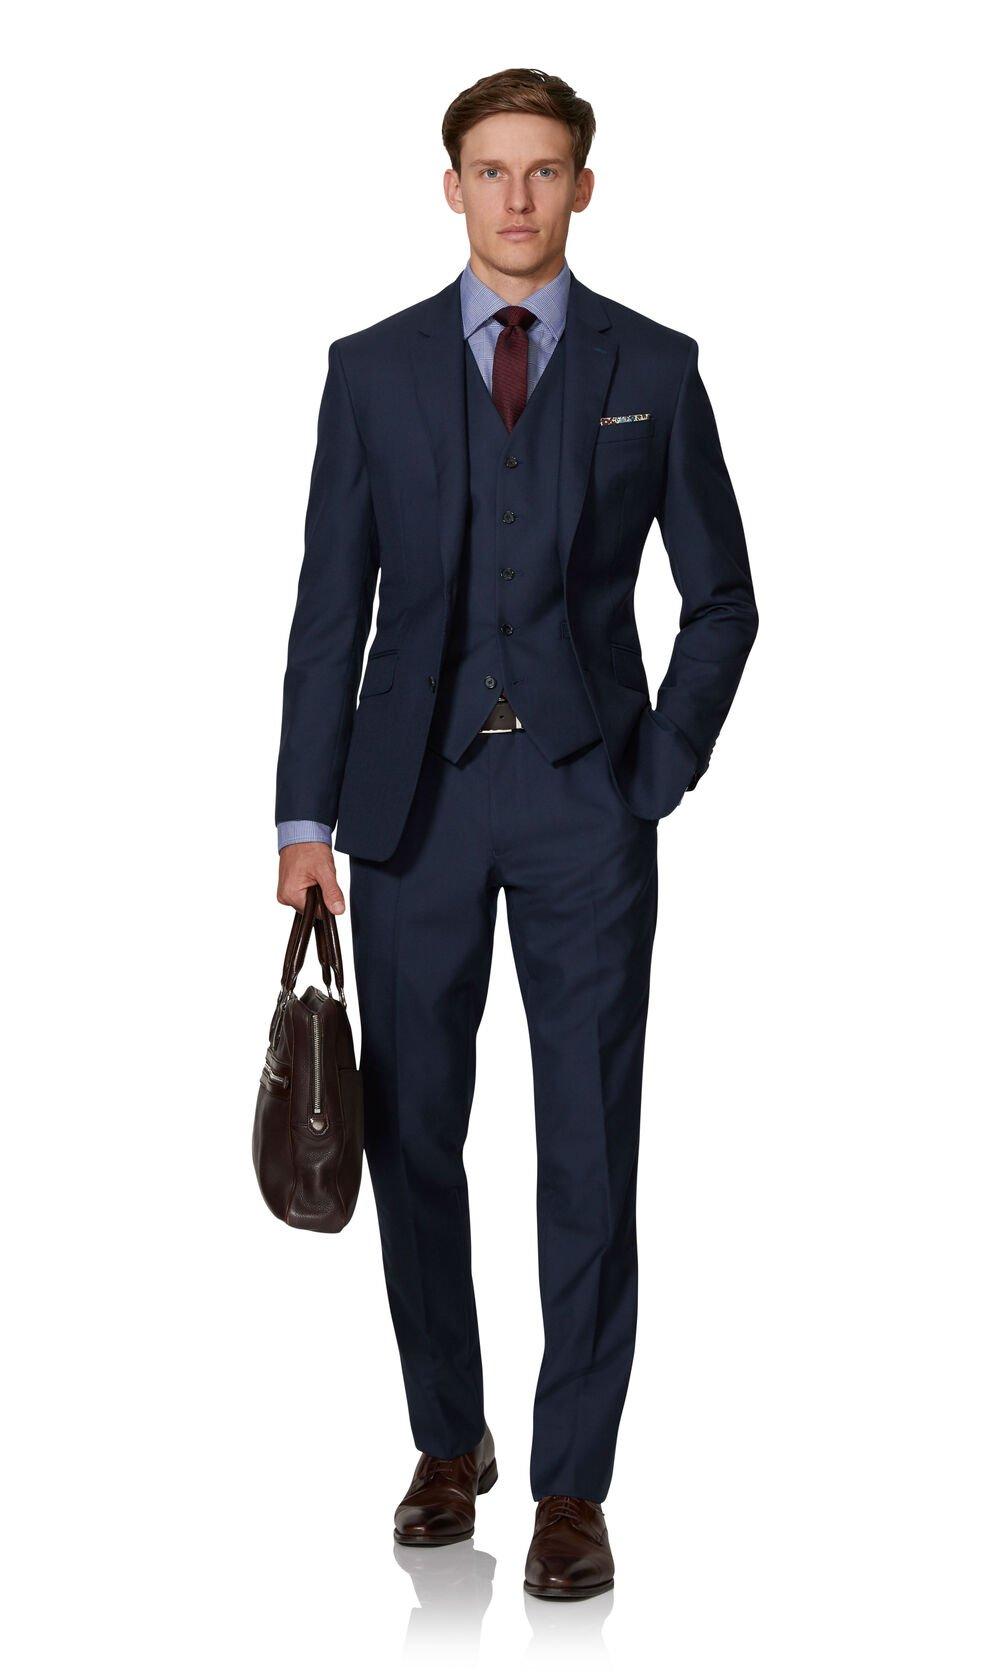 Three_Piece_Suit_8_-_TM_Lewin